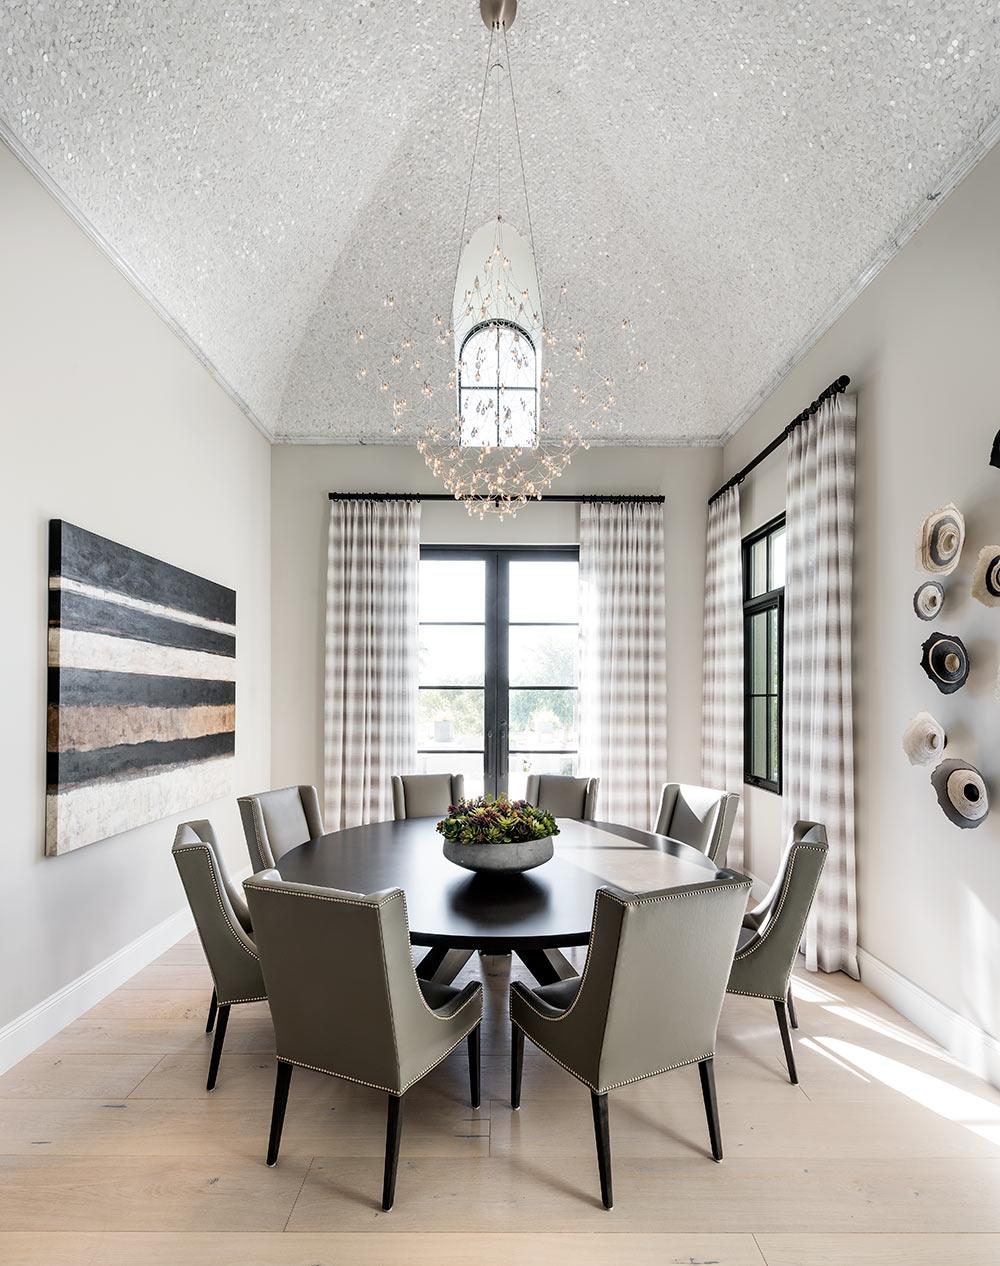 A Custom Home Interior Created By Kristen Hazen Design